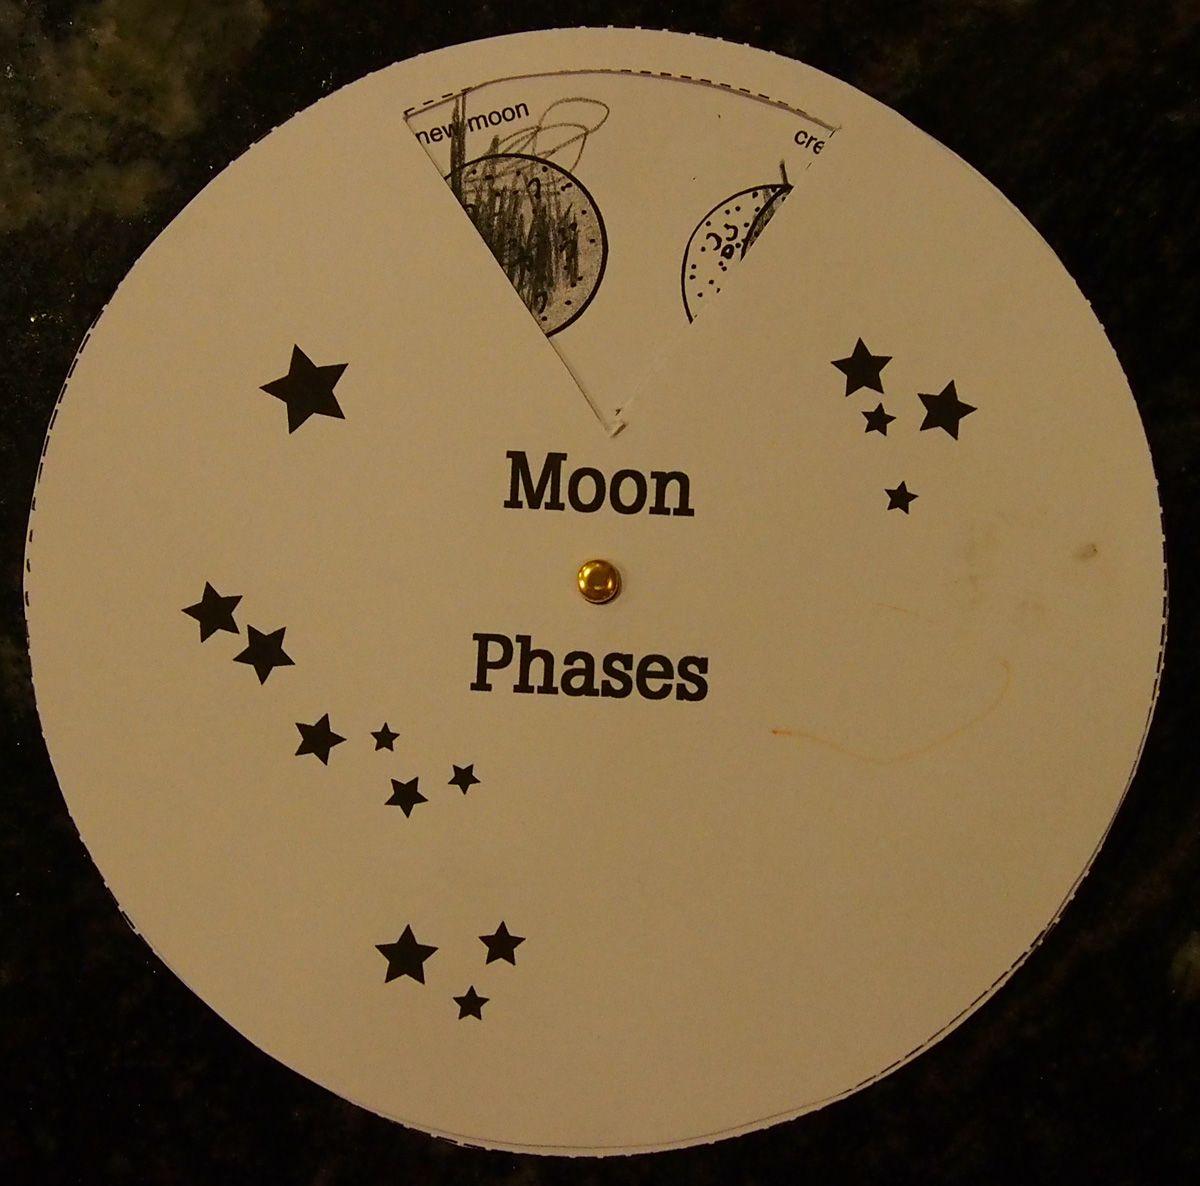 Turning Moon Phase